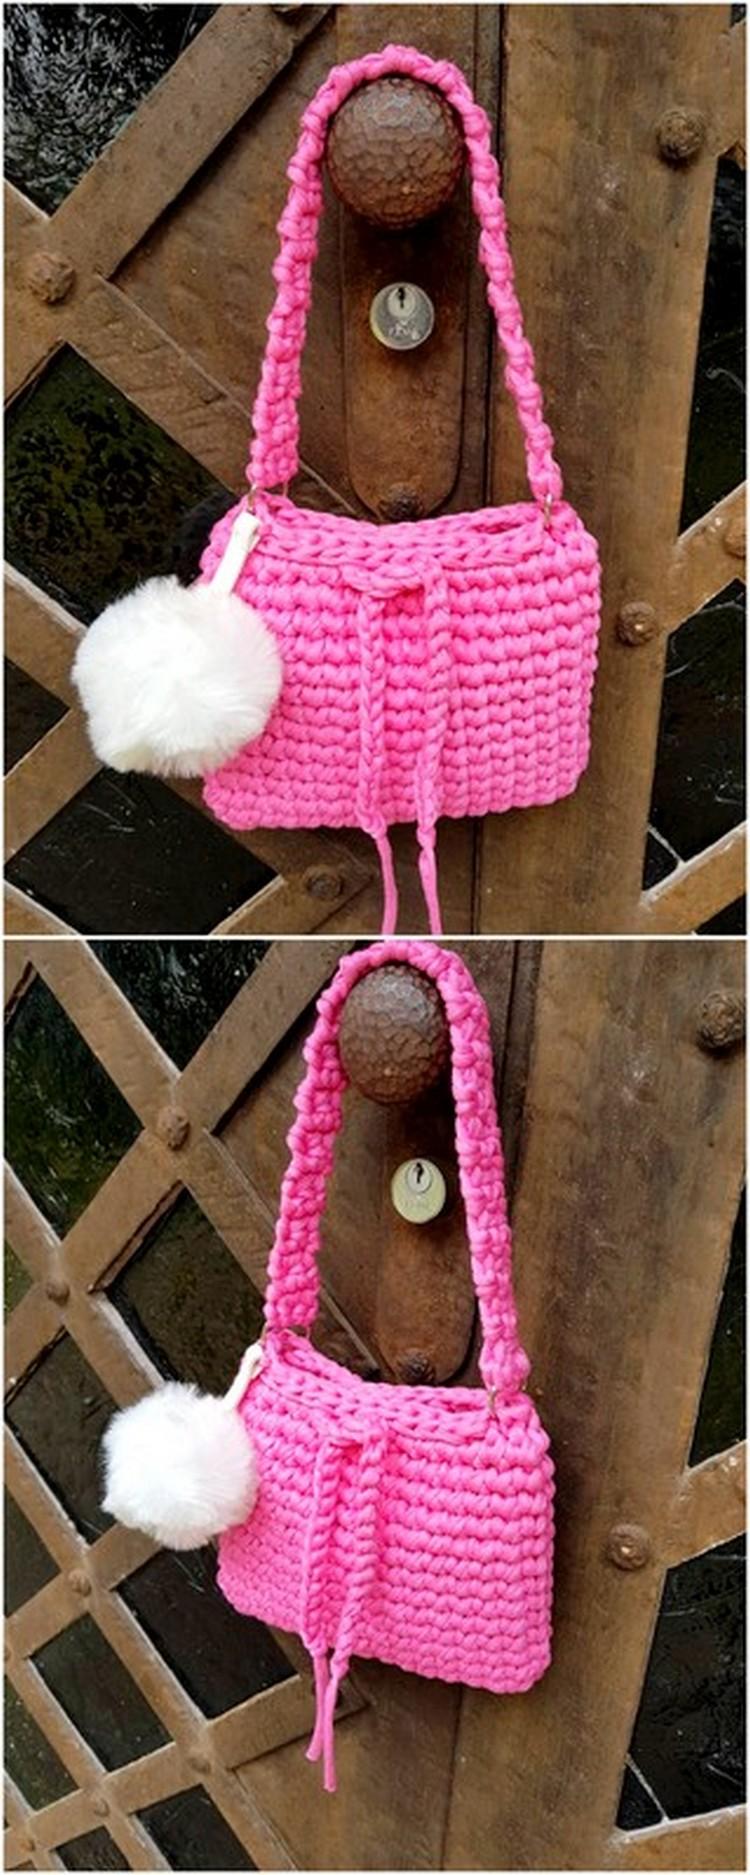 Pretty Pink Bag Free Crochet pattern